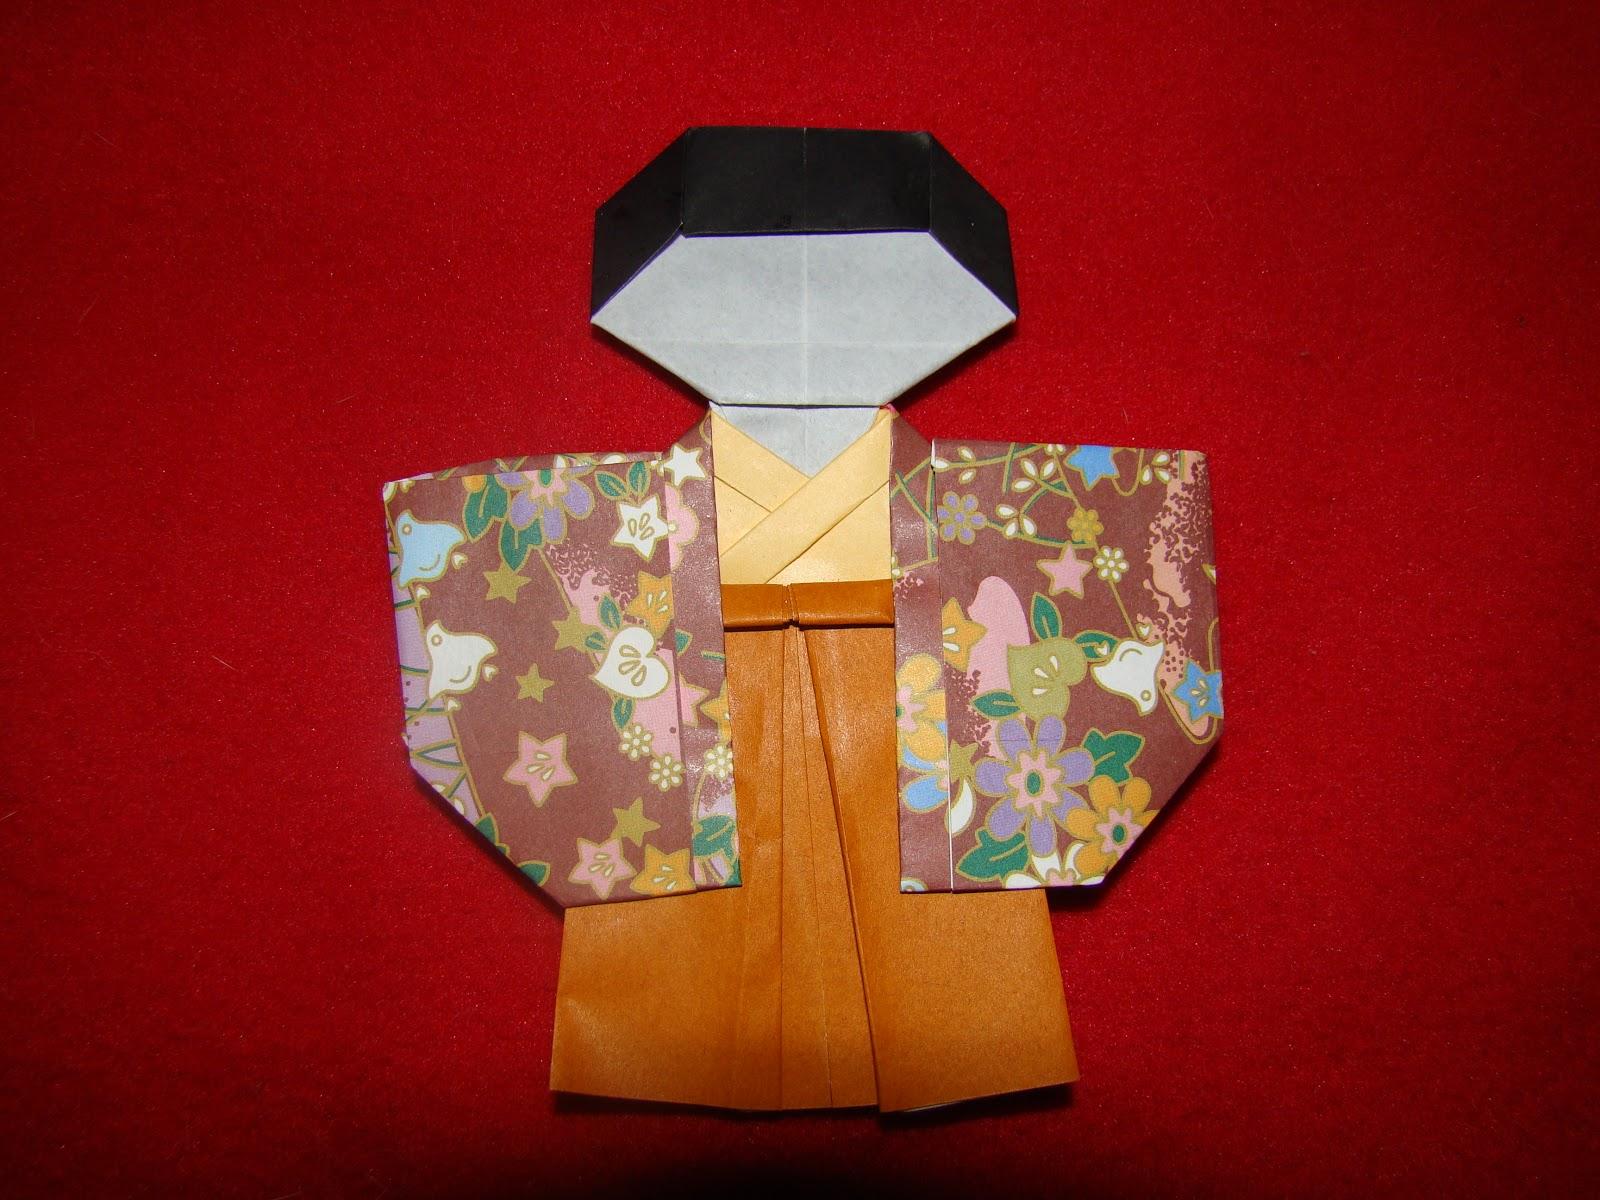 Origami Maniacs: Origami Shichi Go San Boy by Taiko Niwa - photo#8